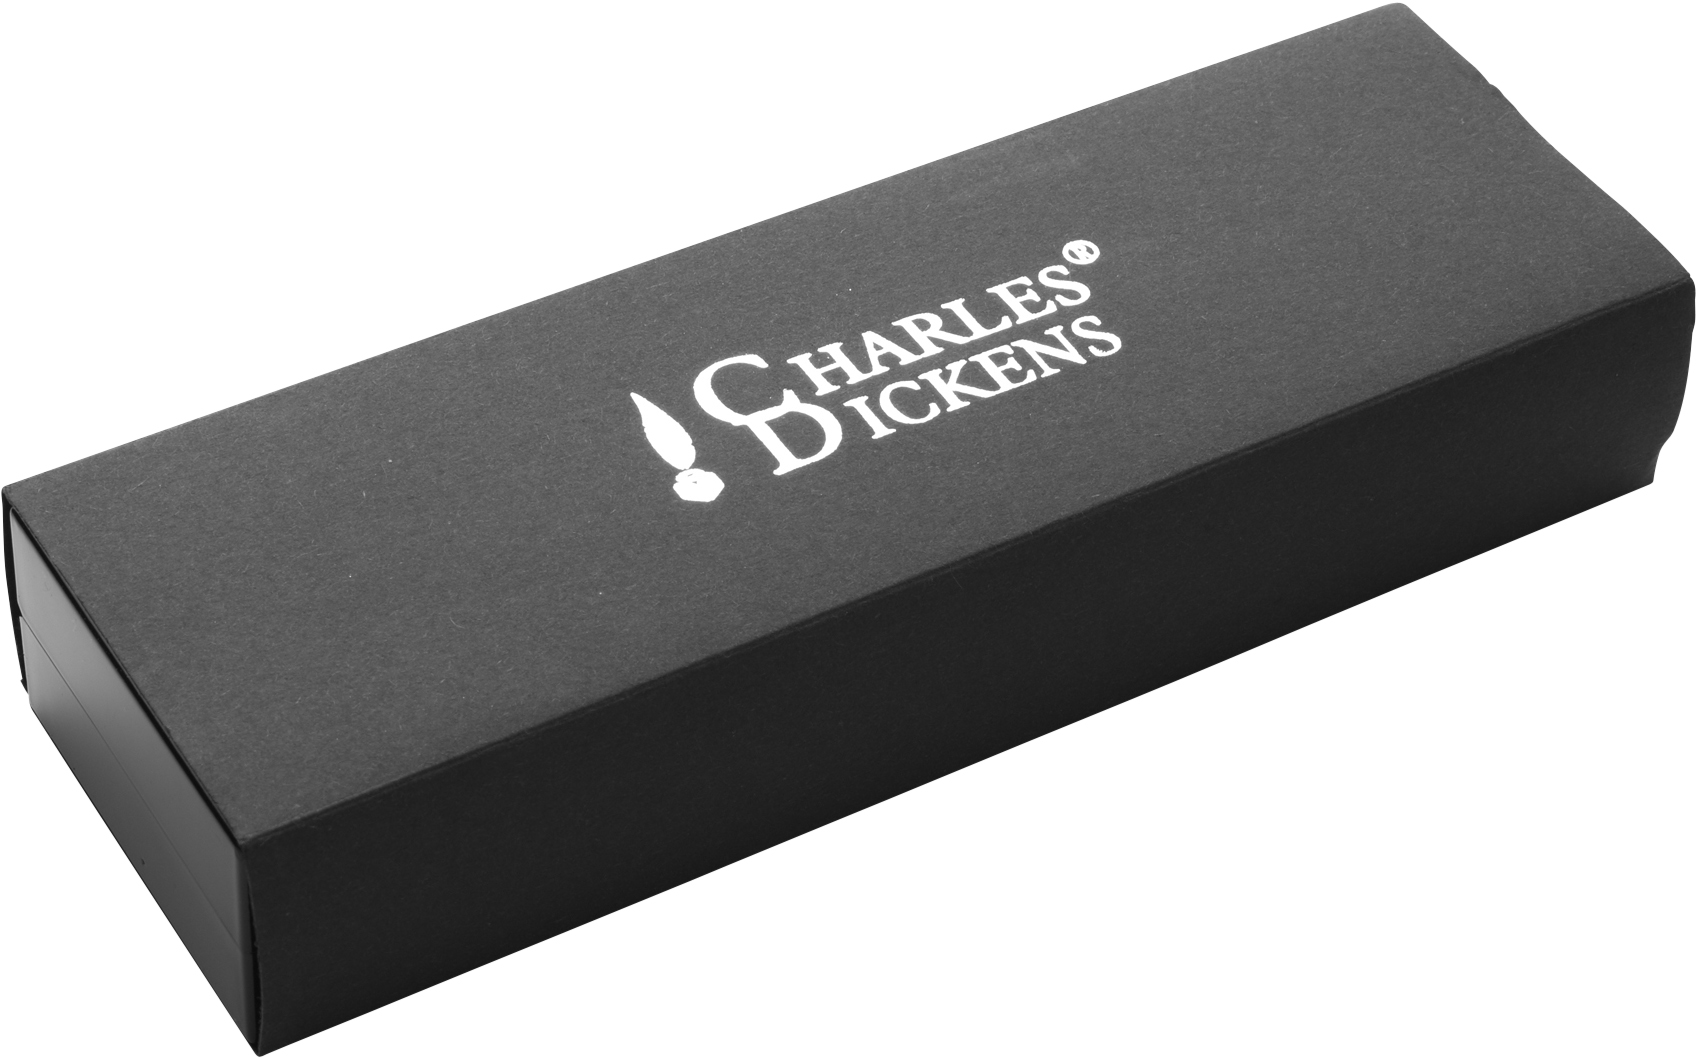 Branded Charles Dickens ballpen.